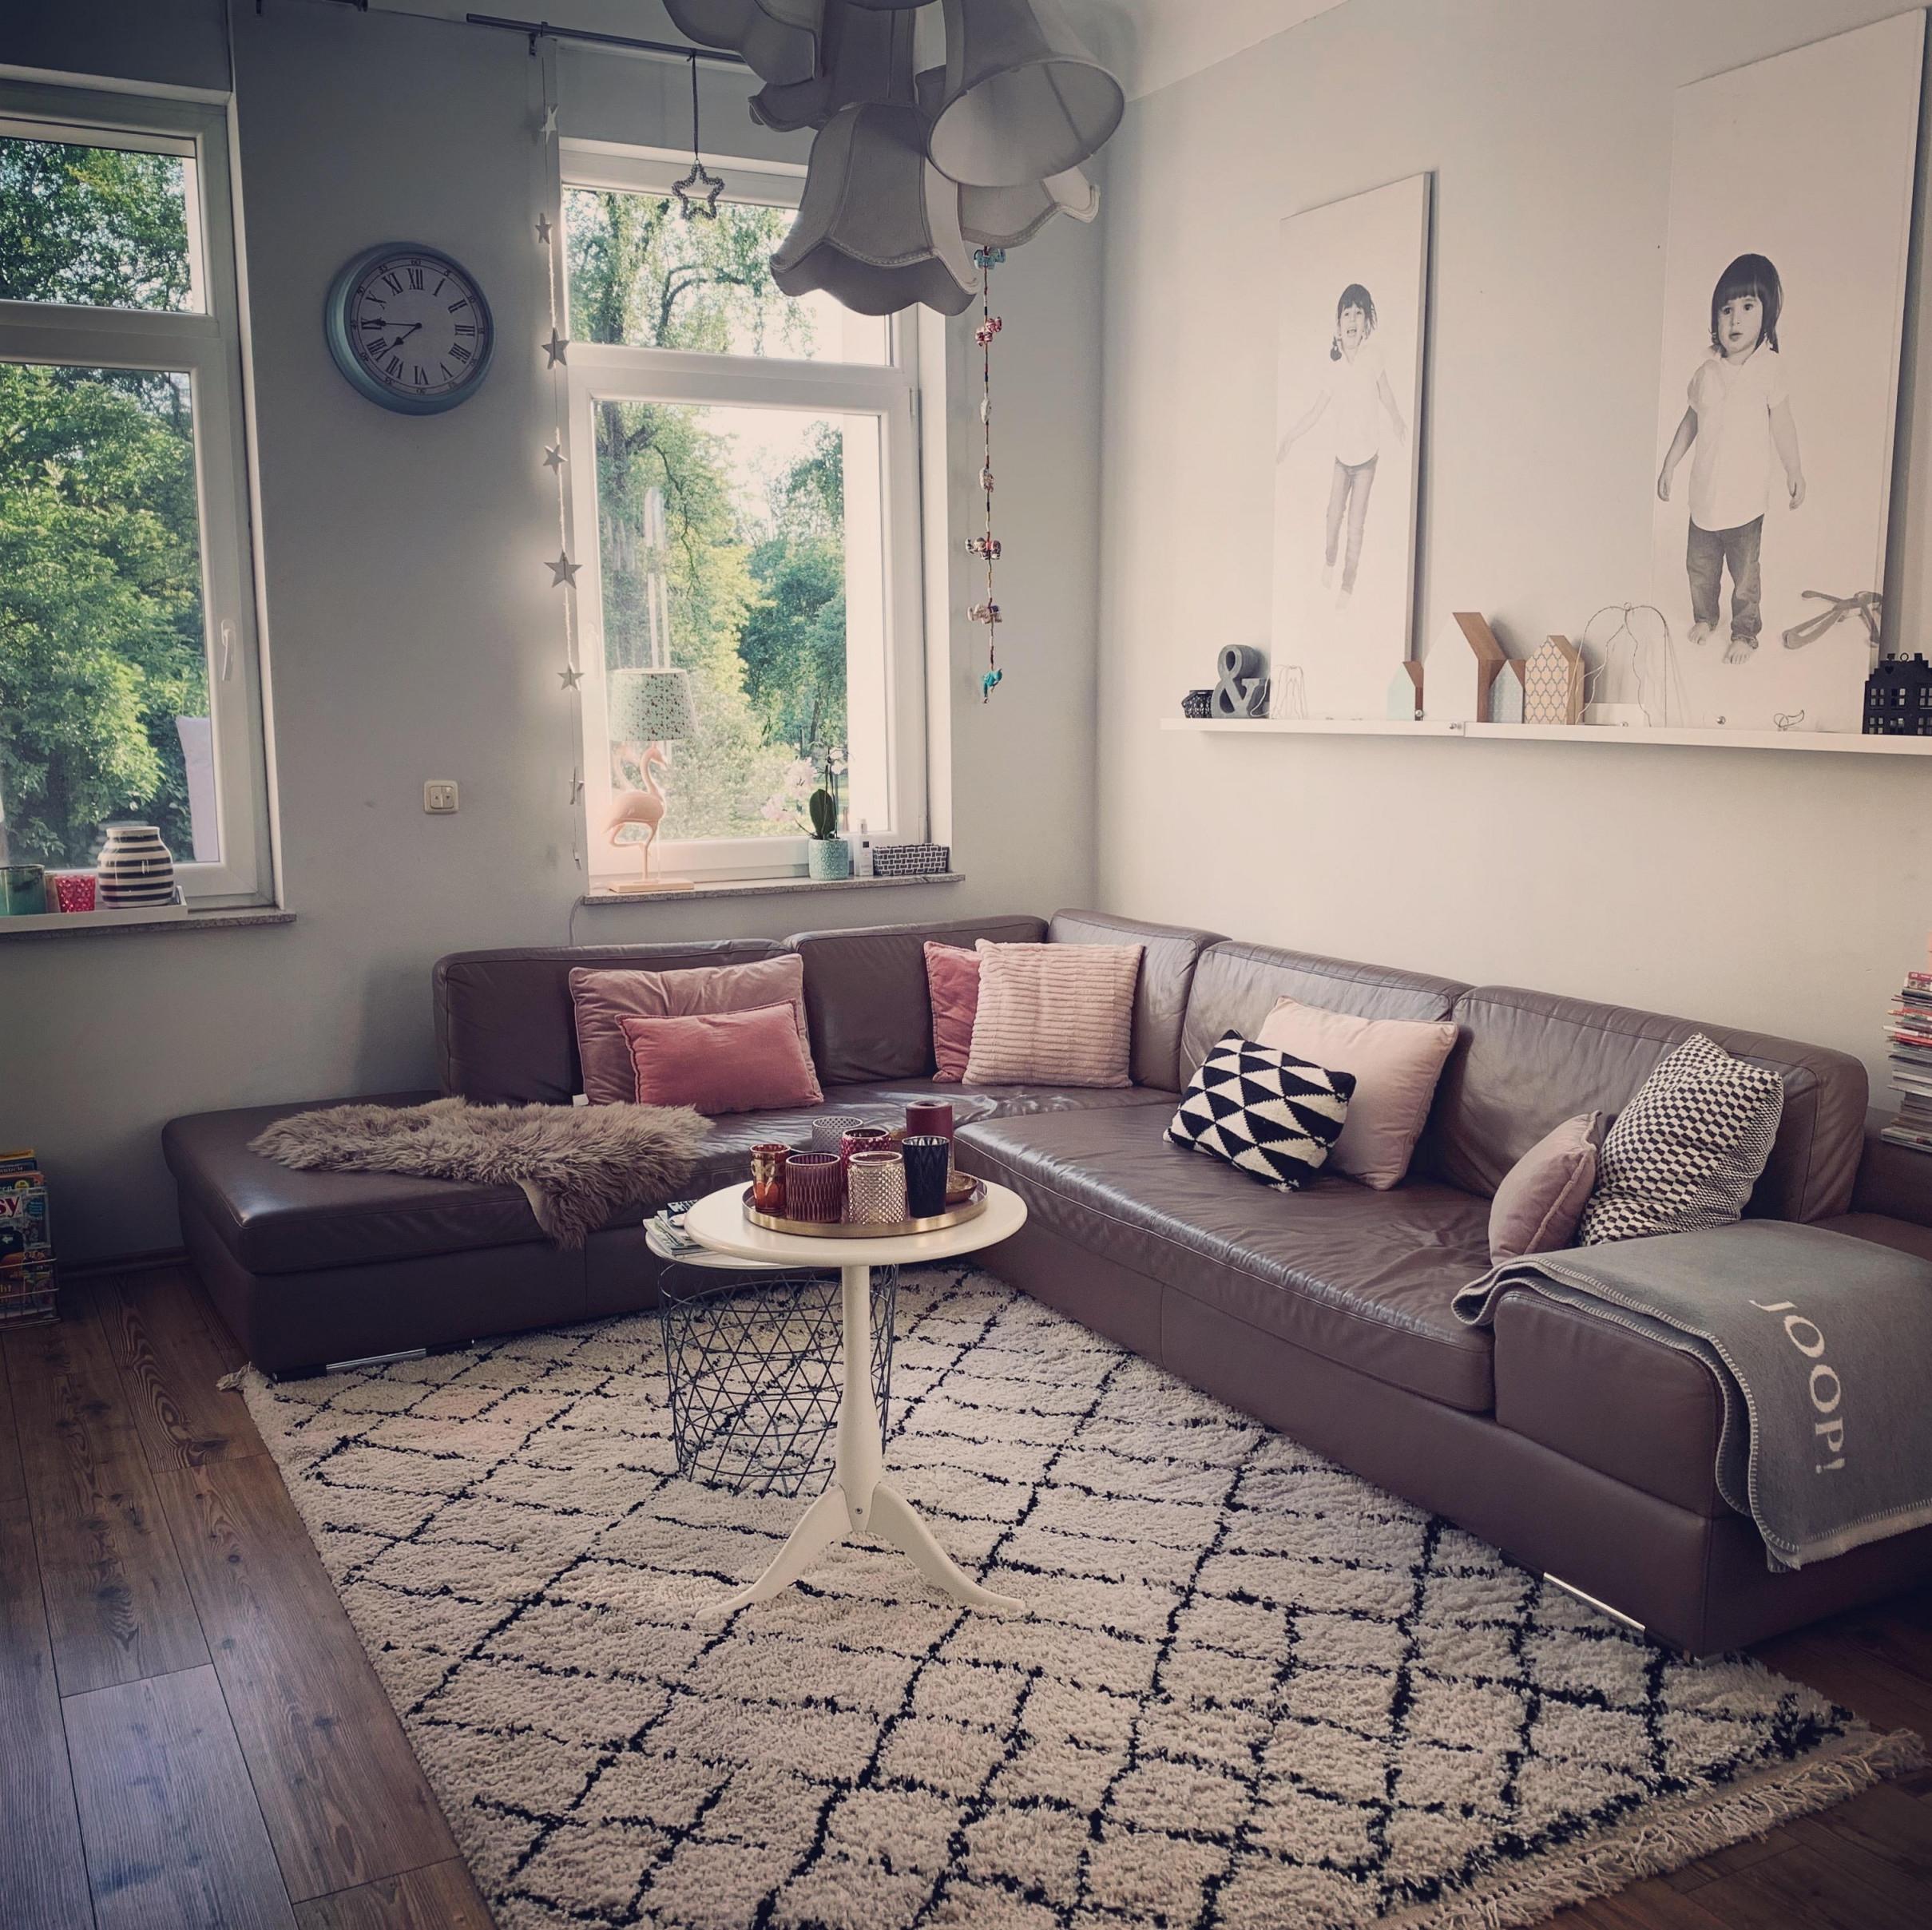 Gemütliches Wohnzimmer So Schaffst Du Eine Kuscheloase von Gemütliches Wohnzimmer Ideen Bild